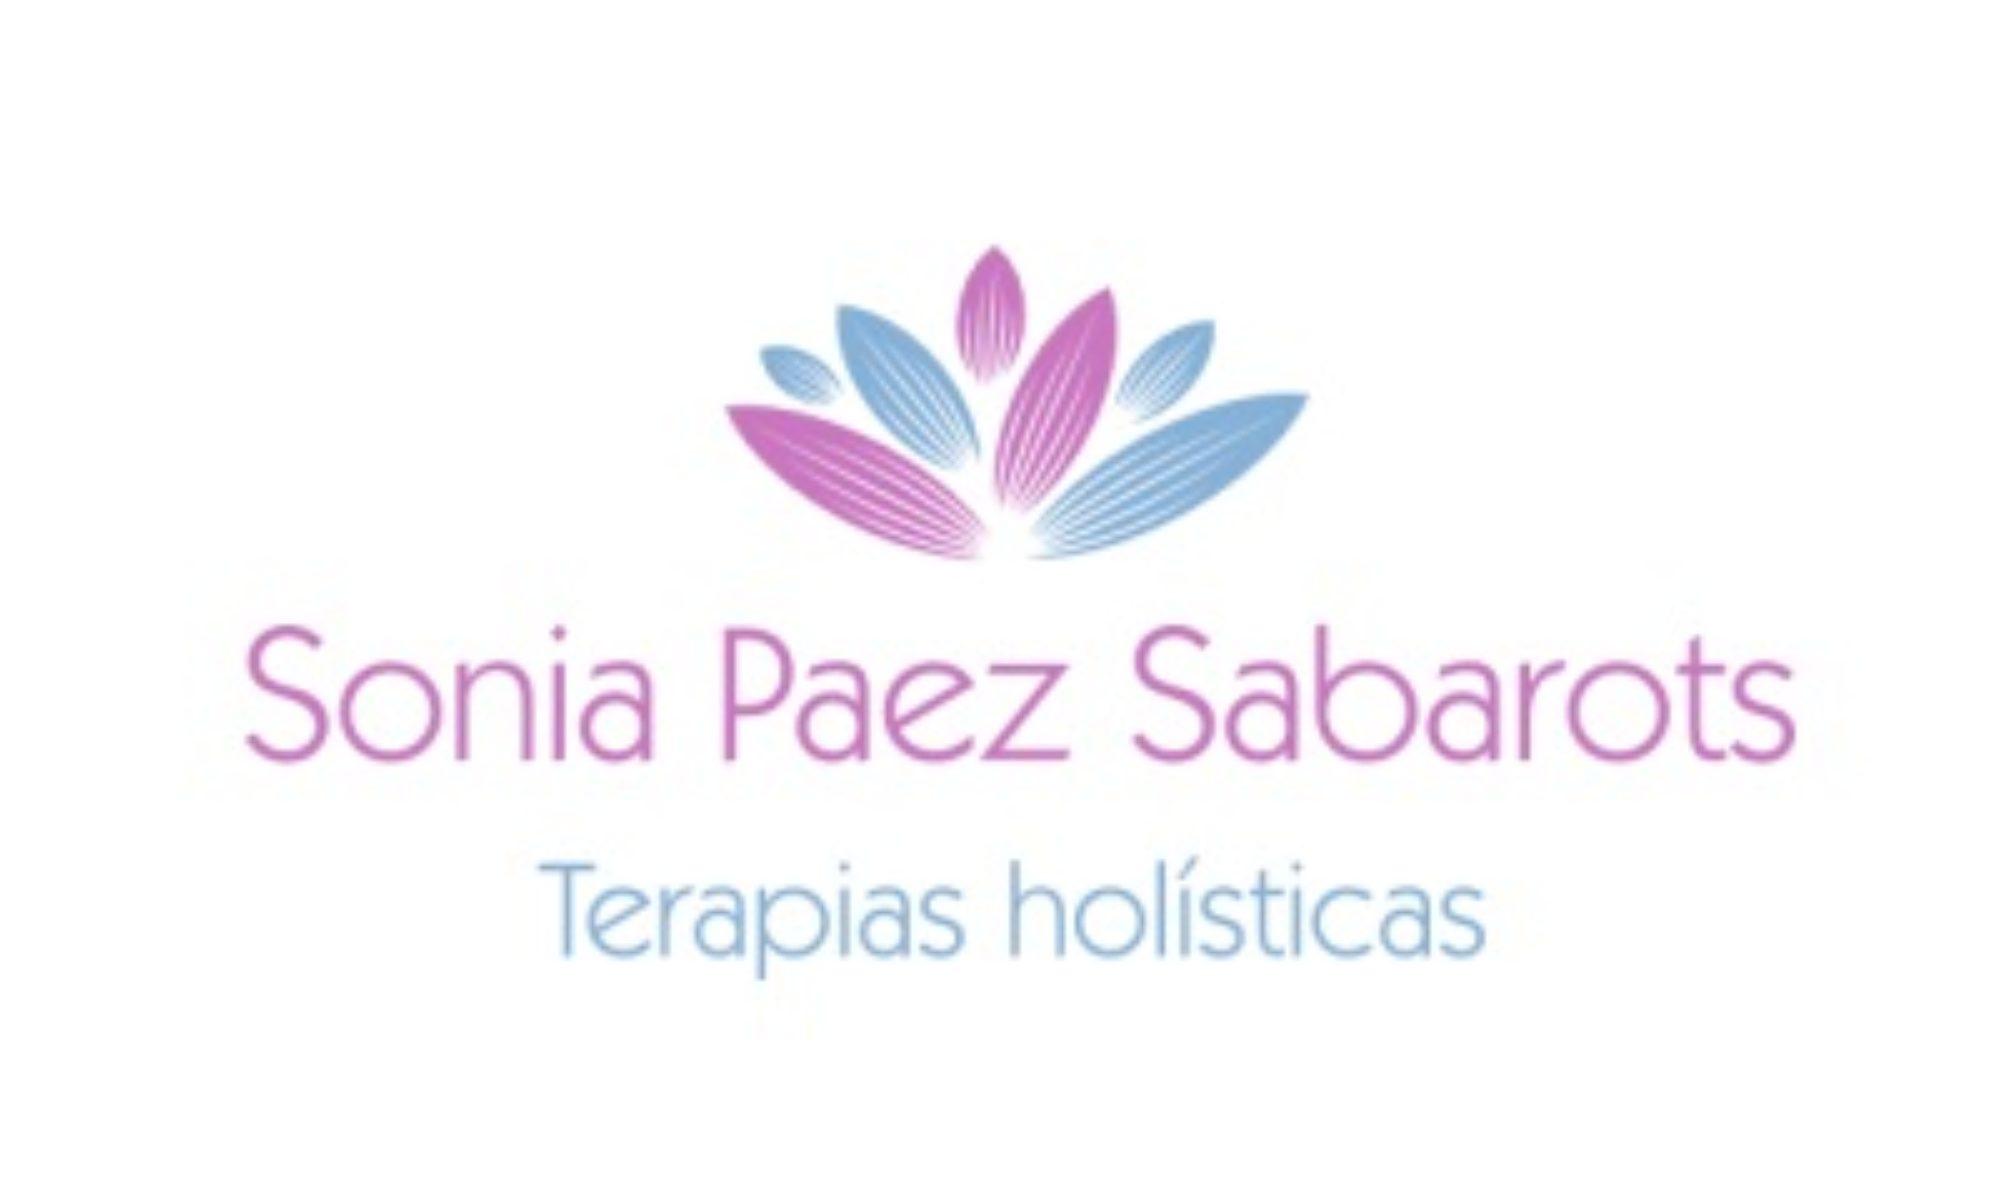 Sonia Paez Sabarots